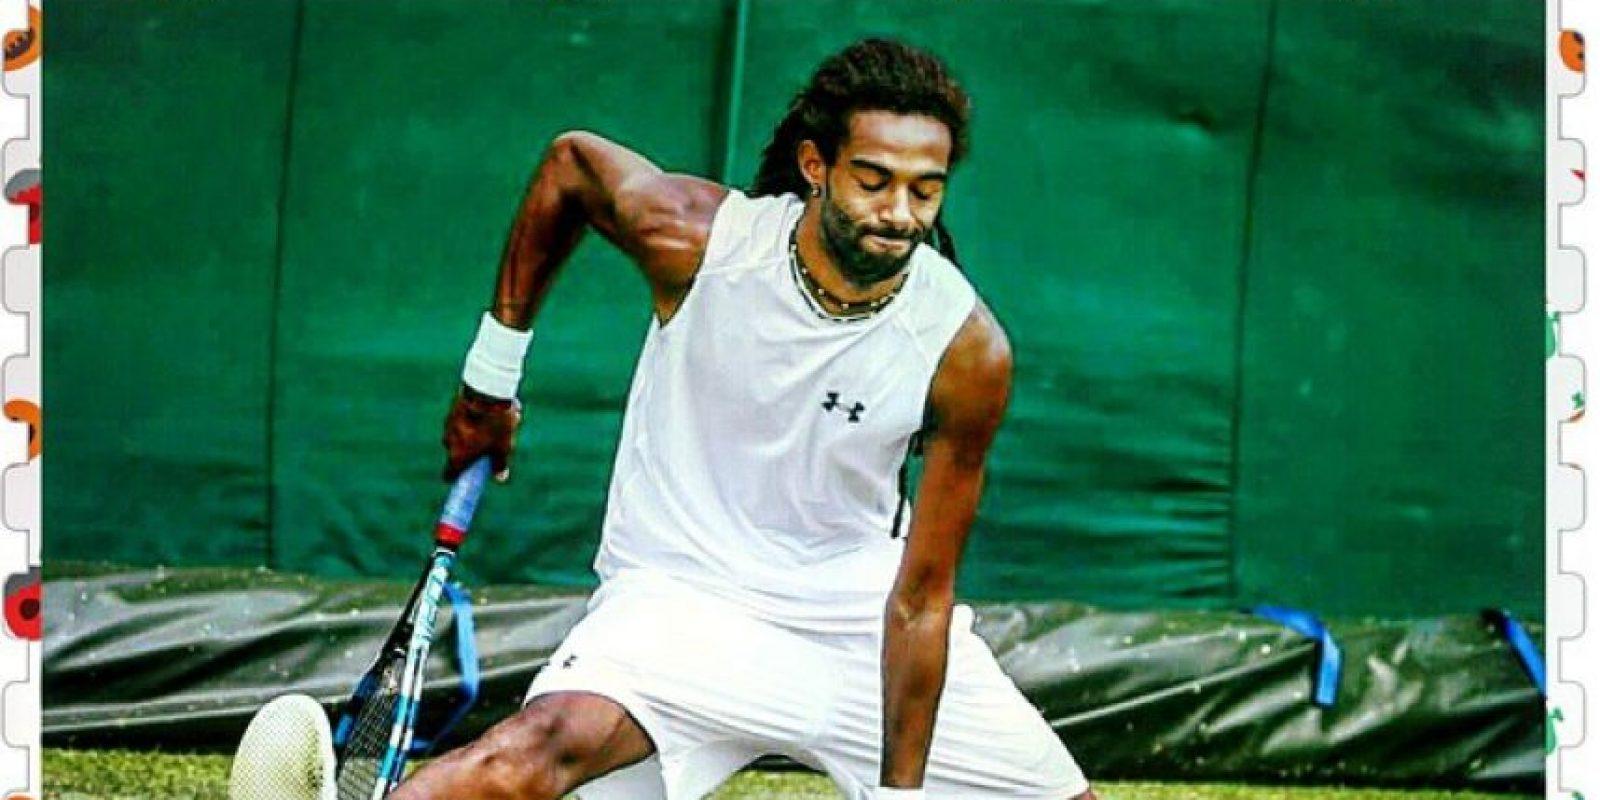 """Brown fue el último de los jugadores """"desconocidos"""" que eliminó a Nadal en Wimbledon. Foto:Vía instagram.com/dreddy_ja"""